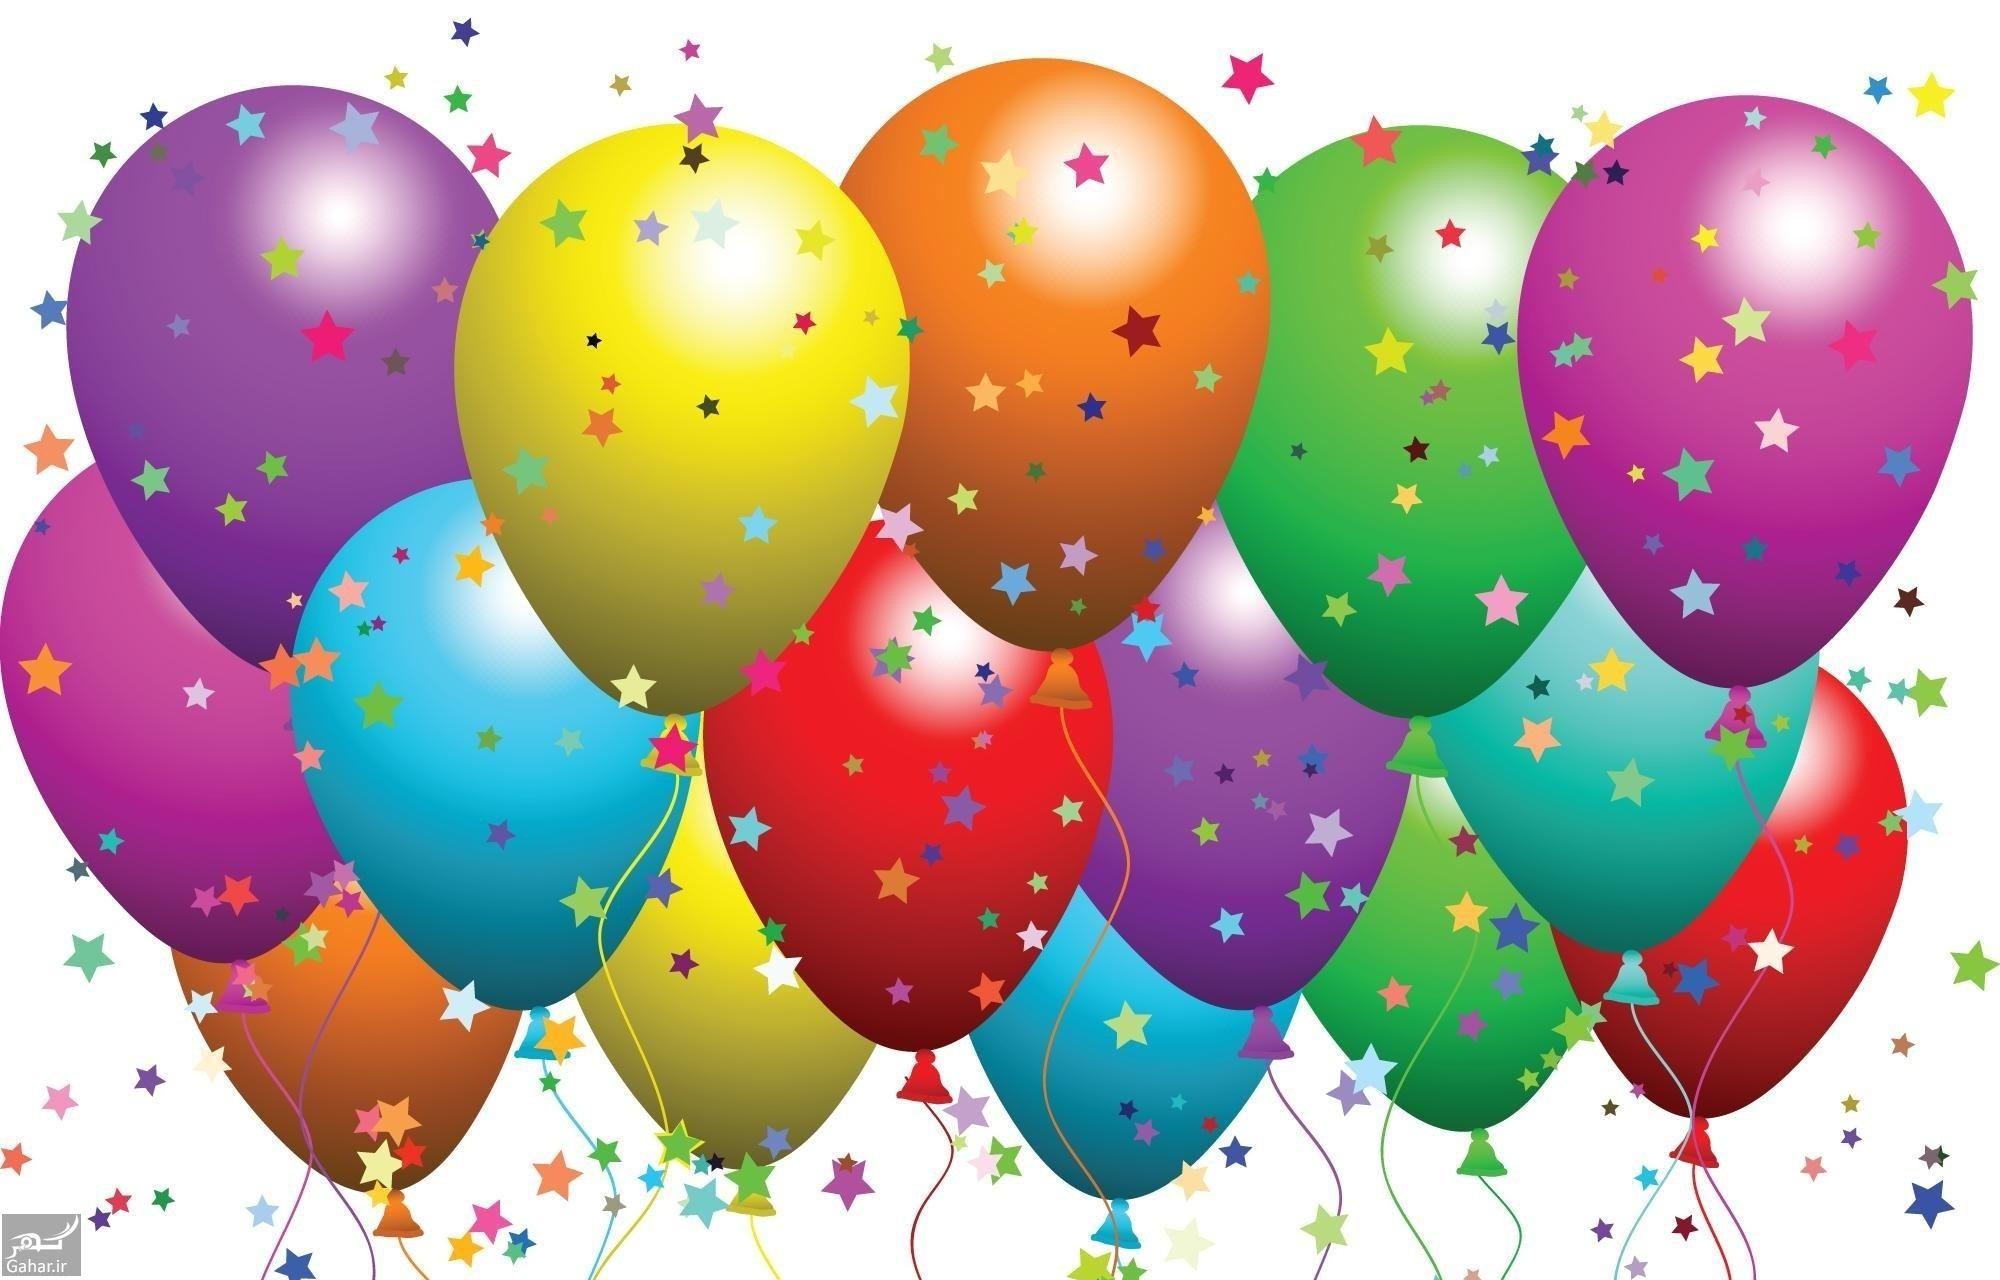 800558 Gahar ir متن تبریک تولد دایی